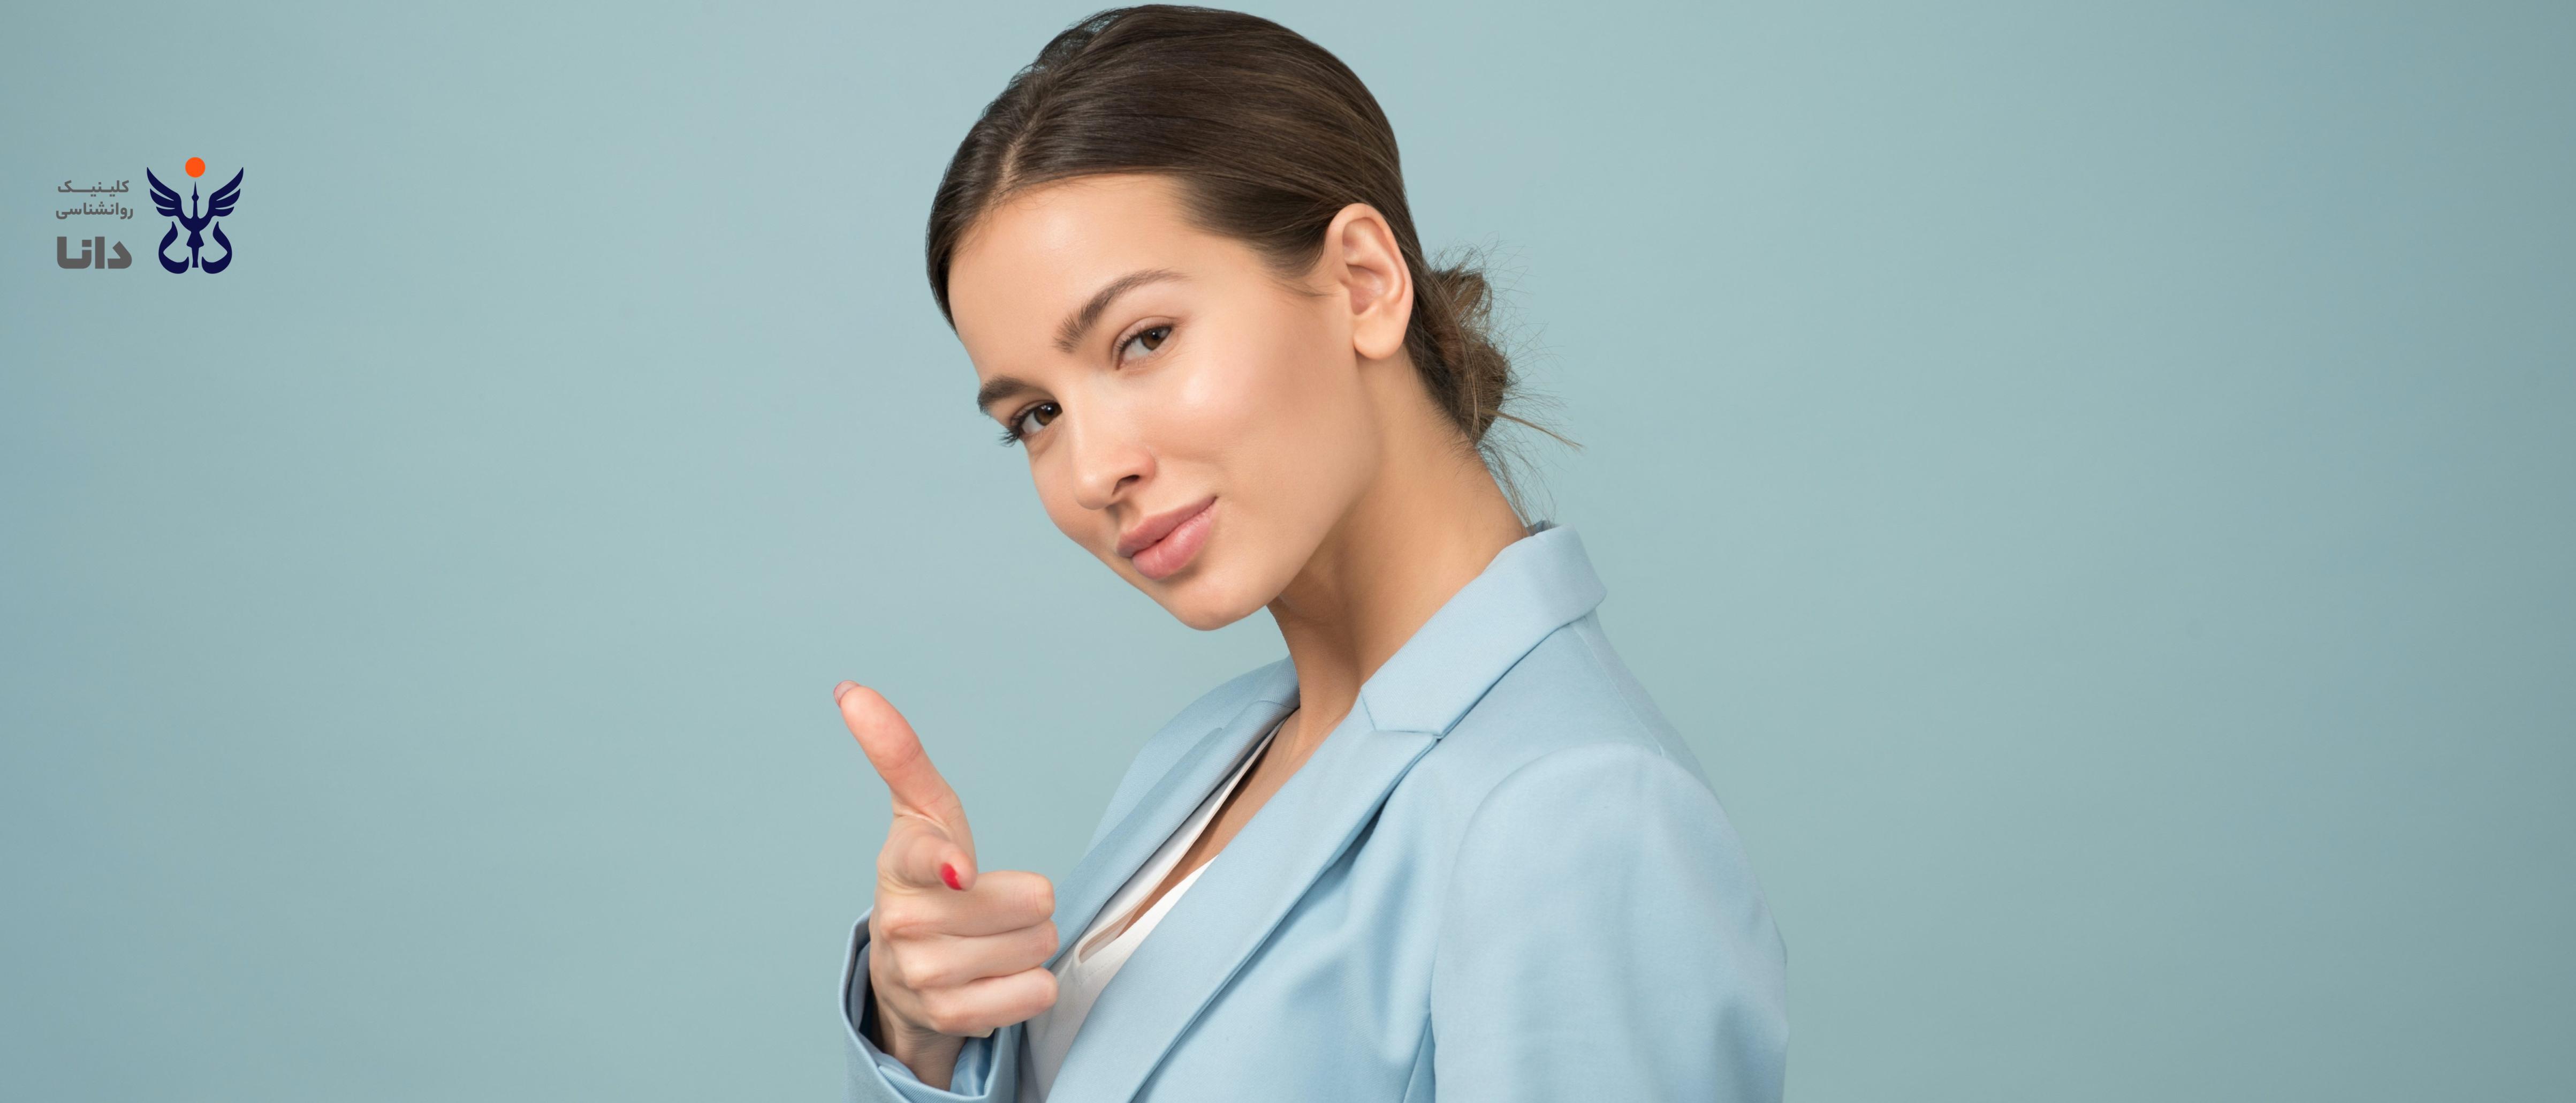 8 ویژگی رفتاری و شخصیتی زن جذاب